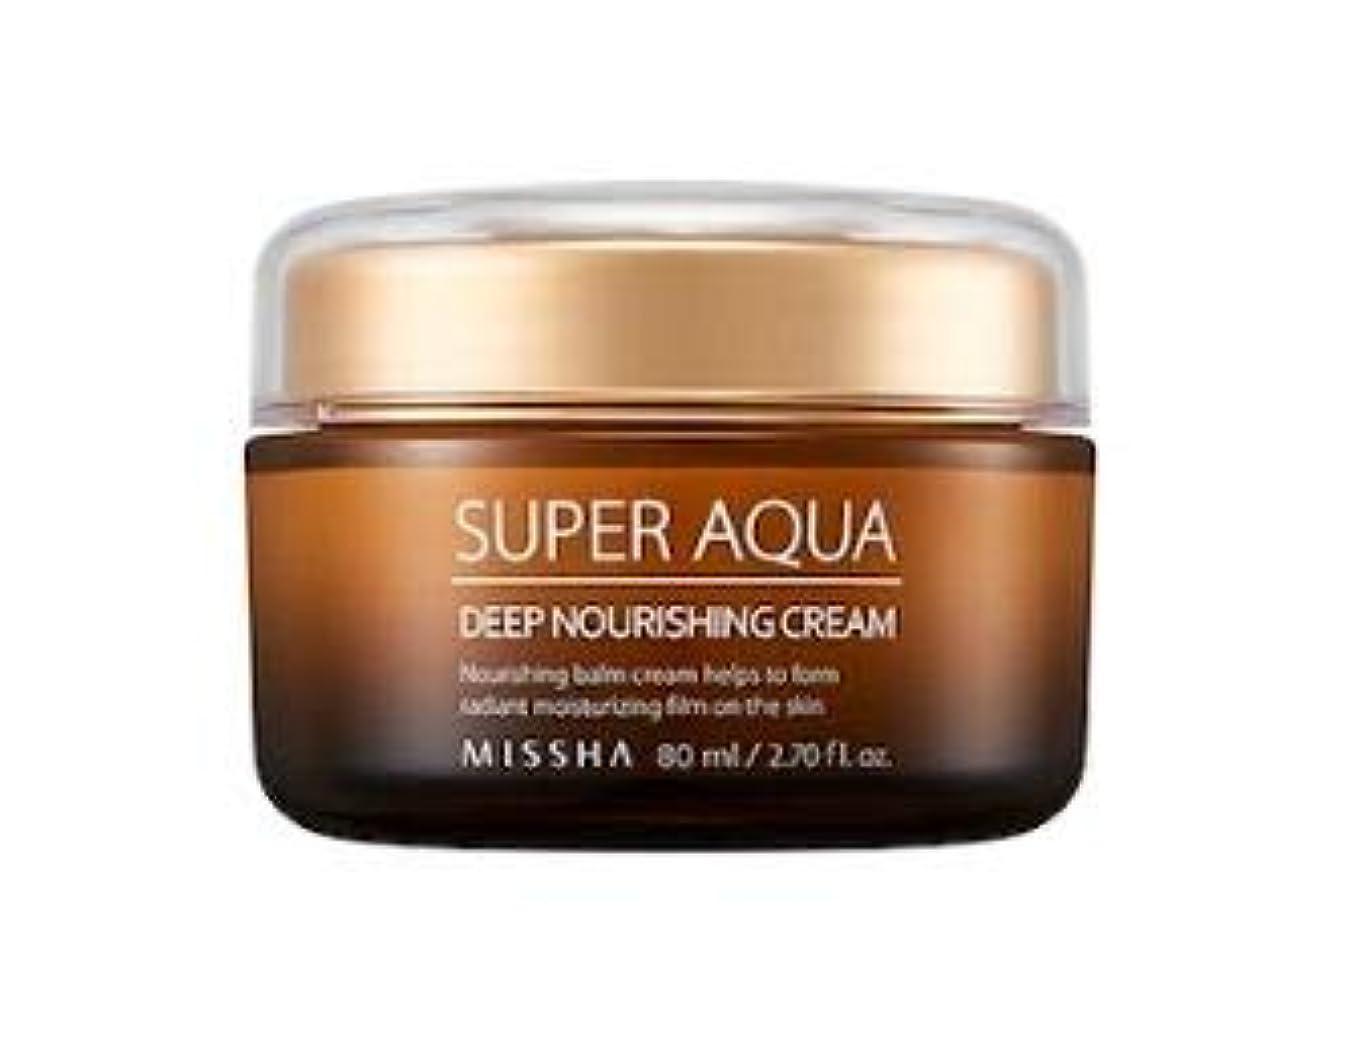 説明する含意可愛いMISSHA Super Aqua Ultra Water Full Deep Nourishing Cream ミシャ スーパーアクアウルトラウォーターフルディープナリシングクリーム [並行輸入品]